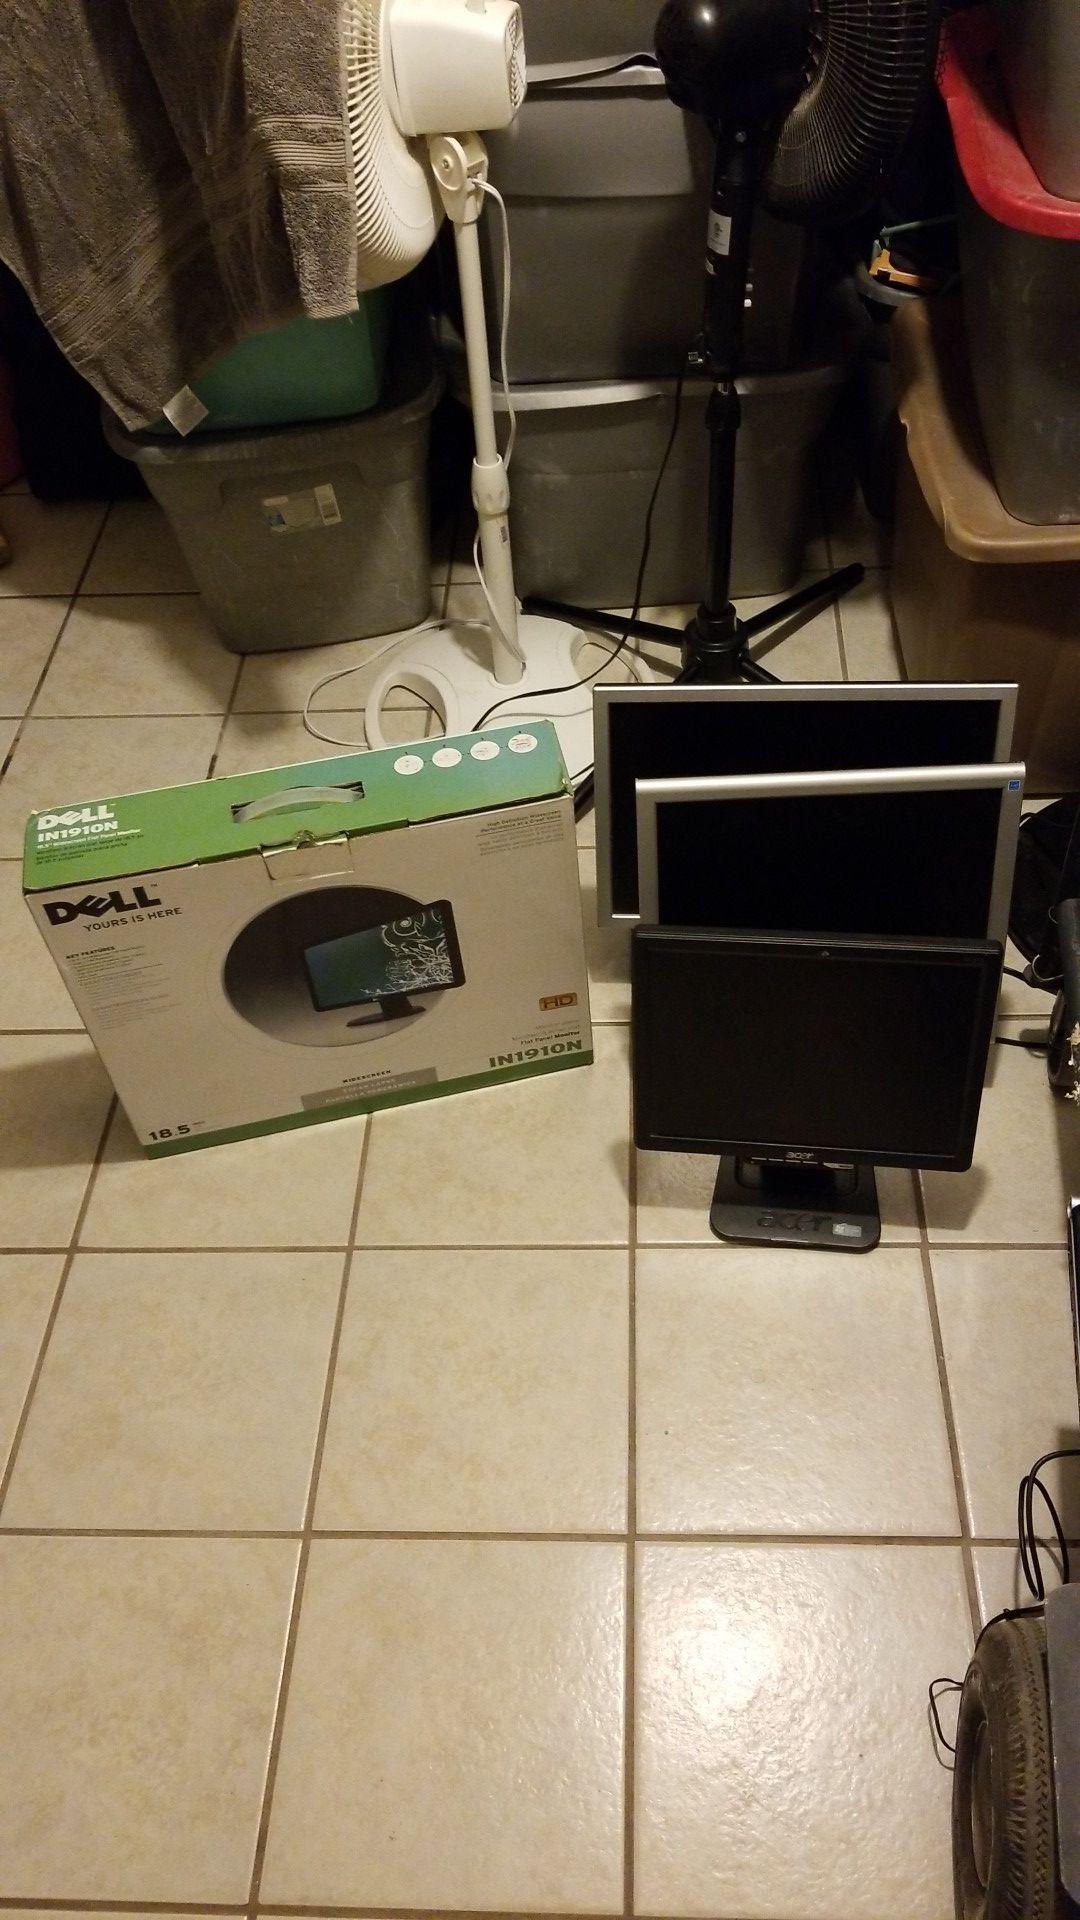 4 computer monitors.